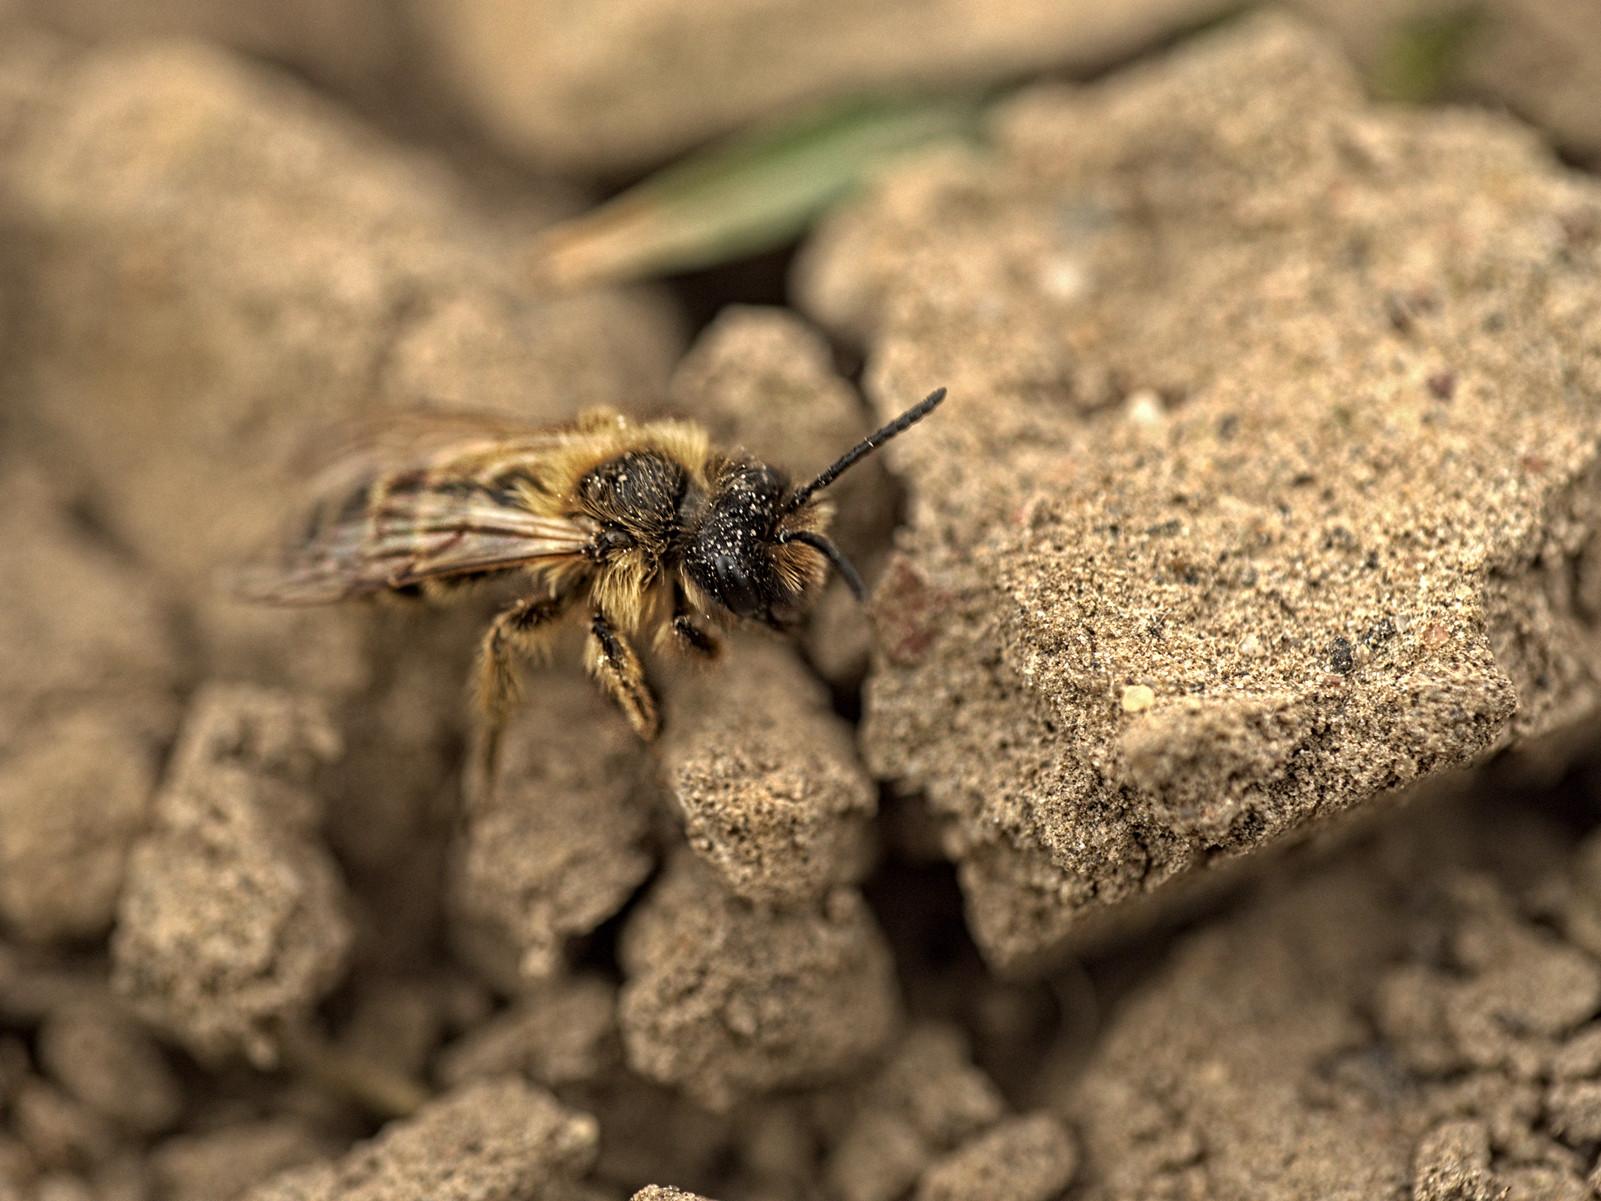 Eine rotschopfige Sandbiene auf der Suche nach einem Nistplatz